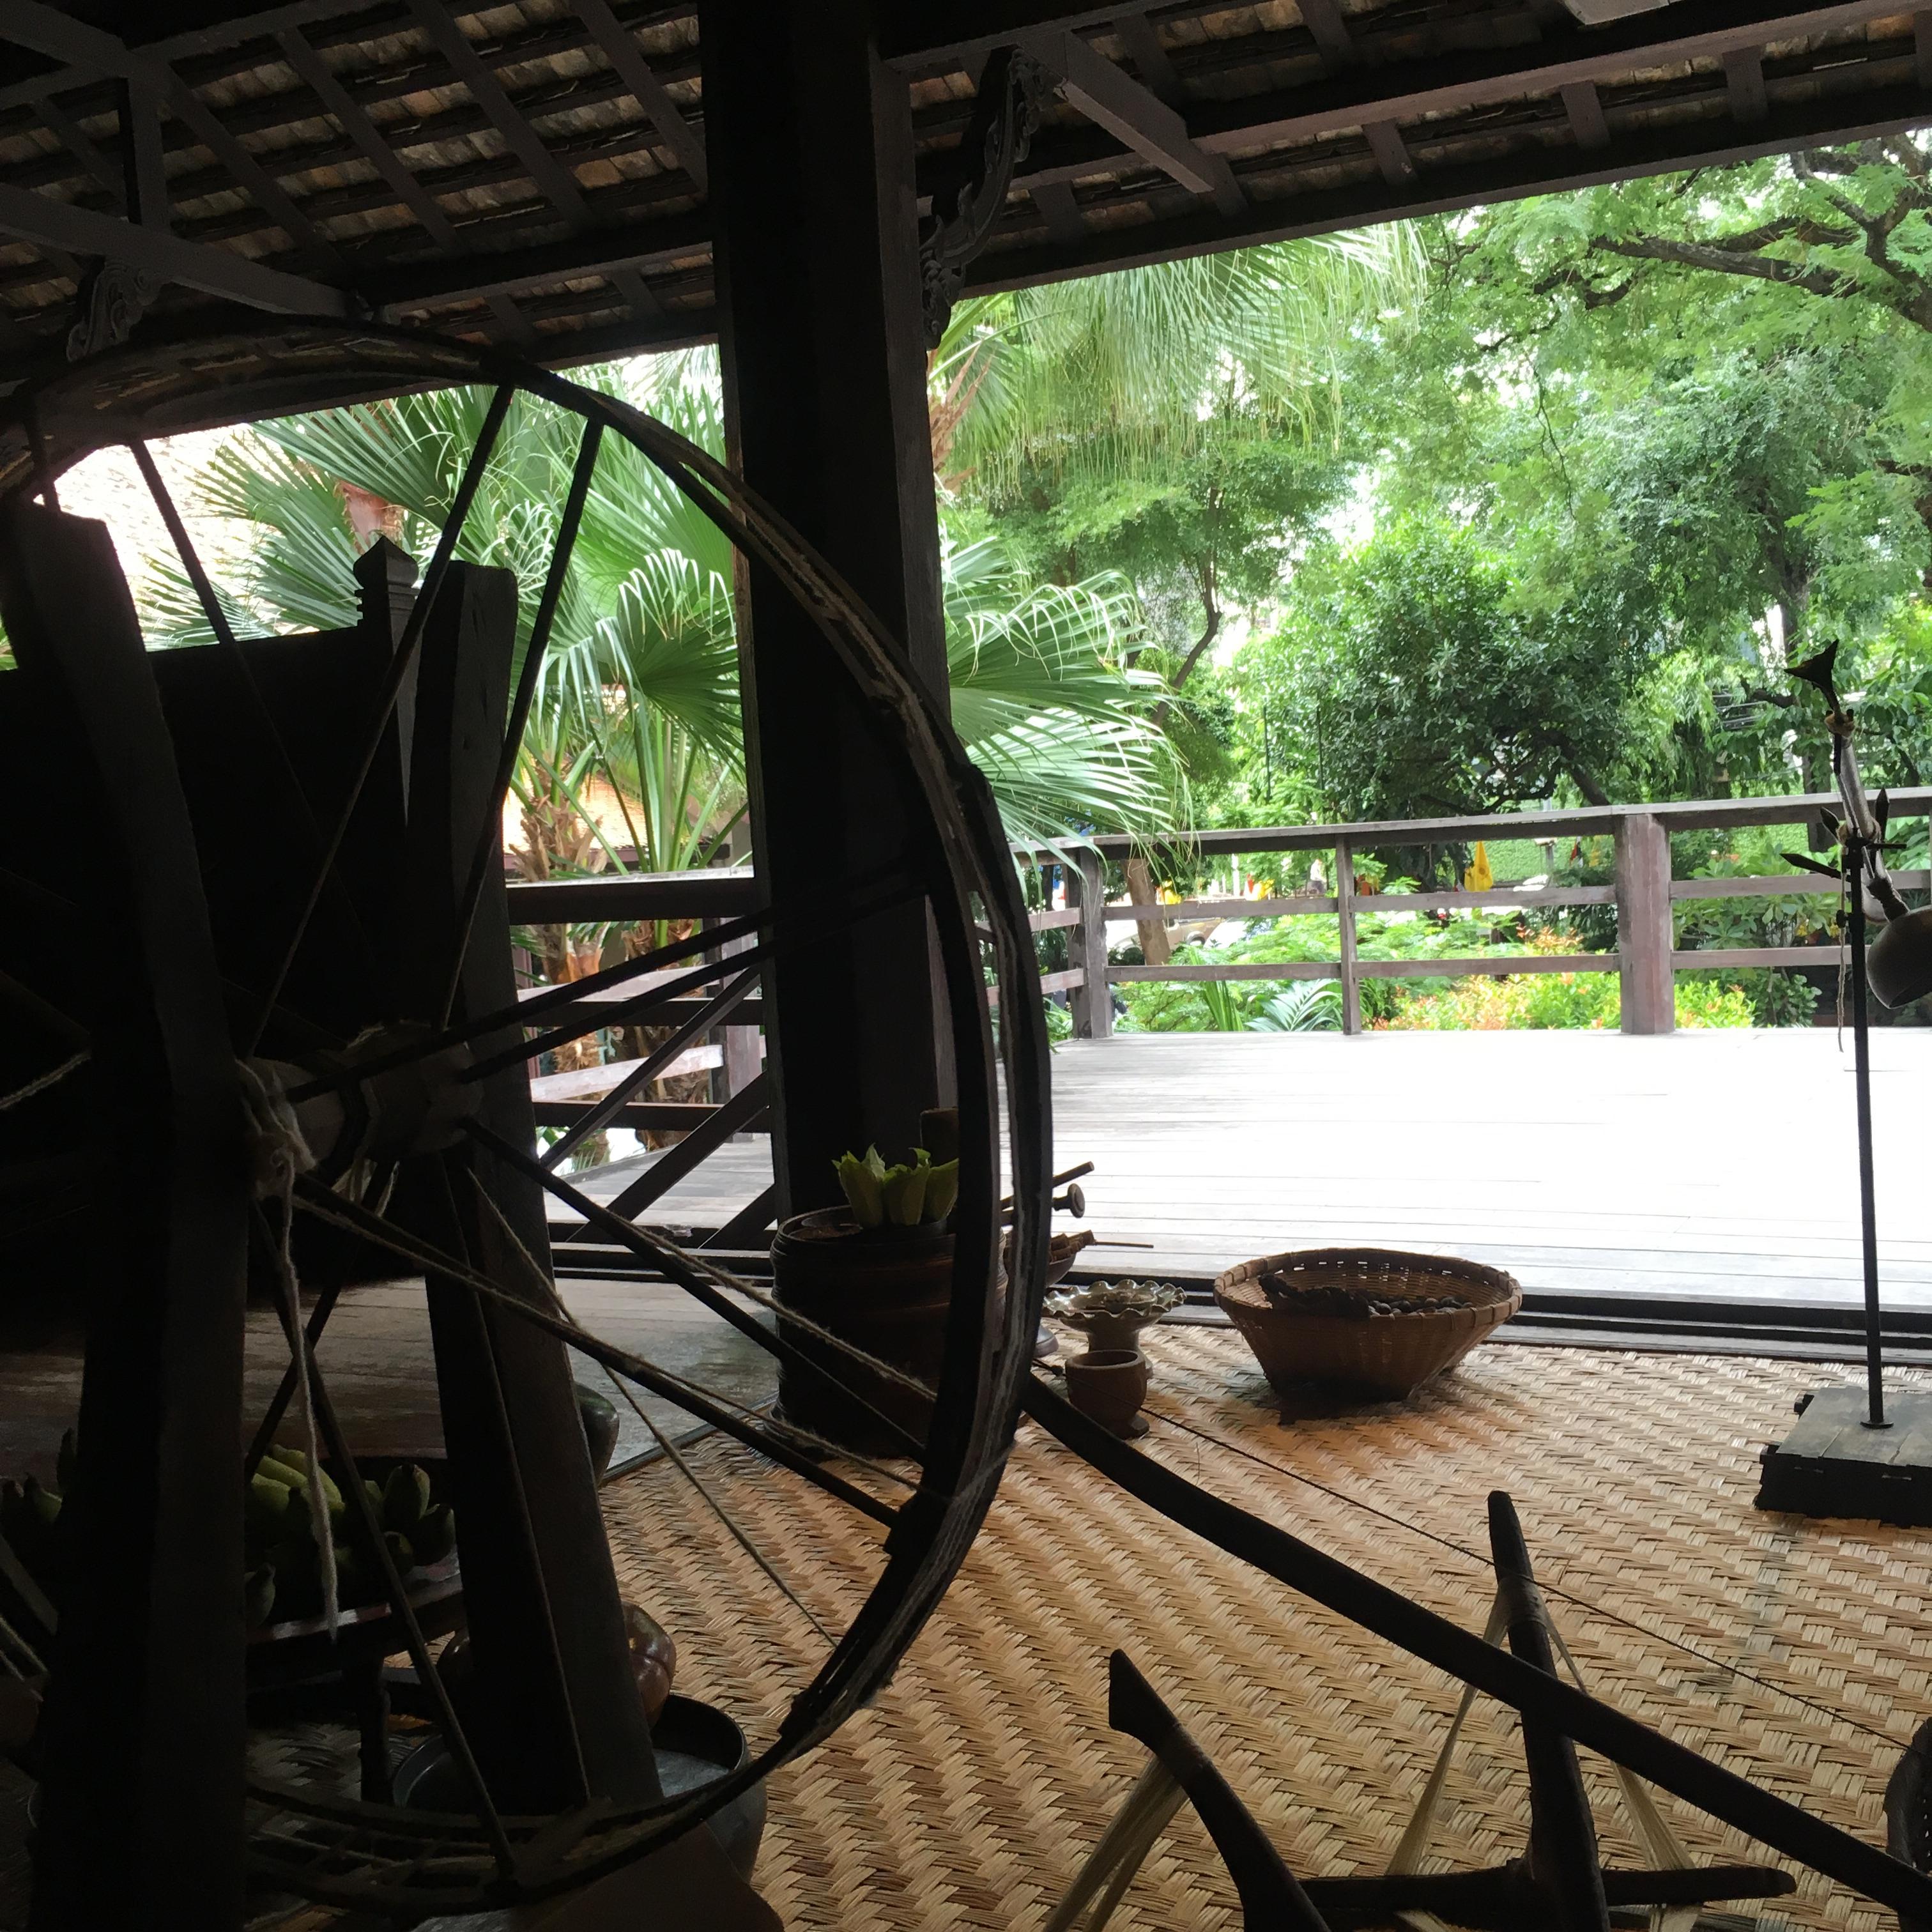 【カムティエンハウス】アソーク徒歩3分でタイ伝統文化を学ぶ